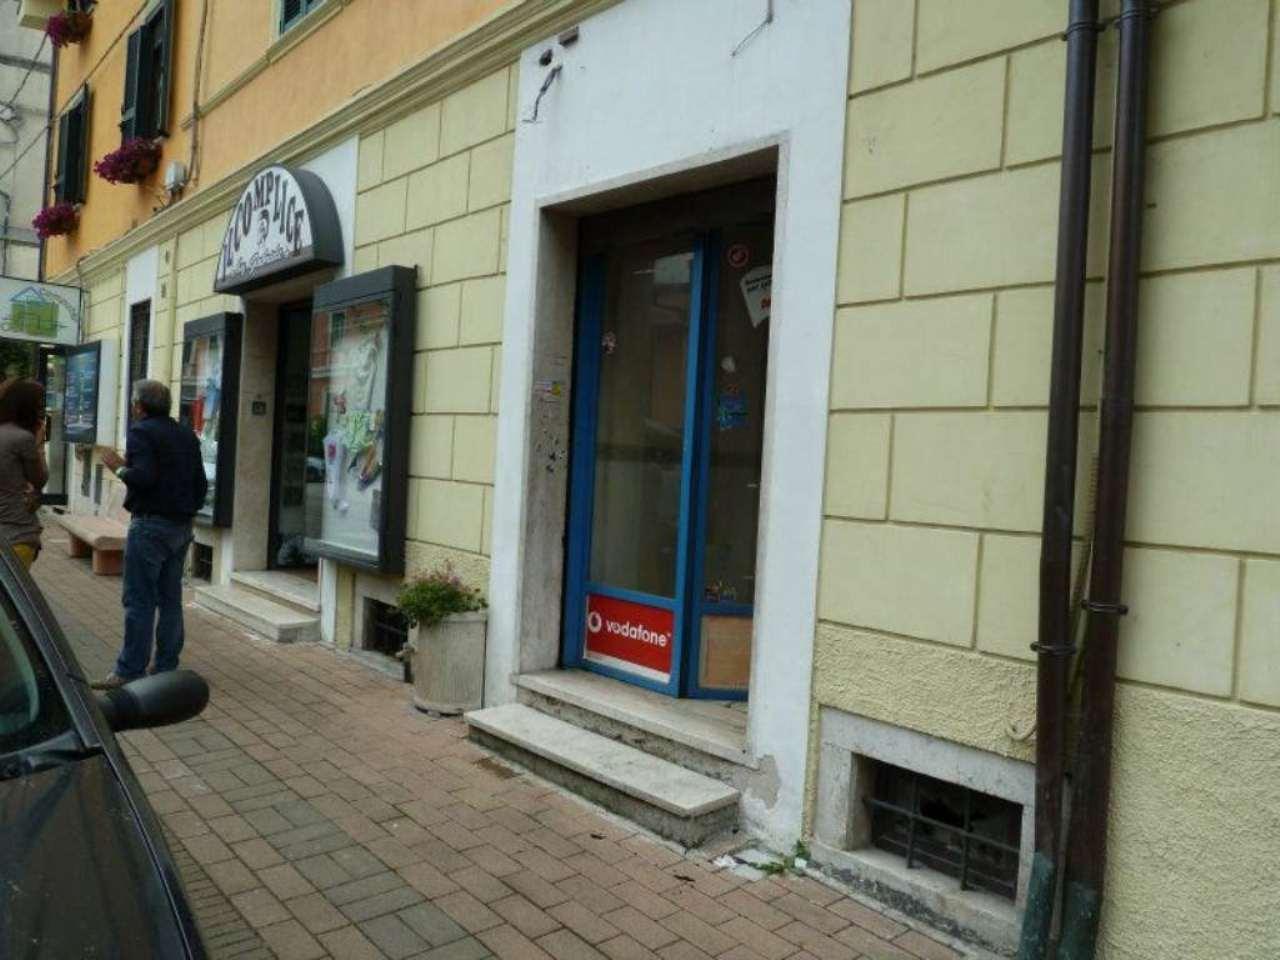 Negozio / Locale in vendita a Carsoli, 1 locali, prezzo € 58.000 | Cambio Casa.it